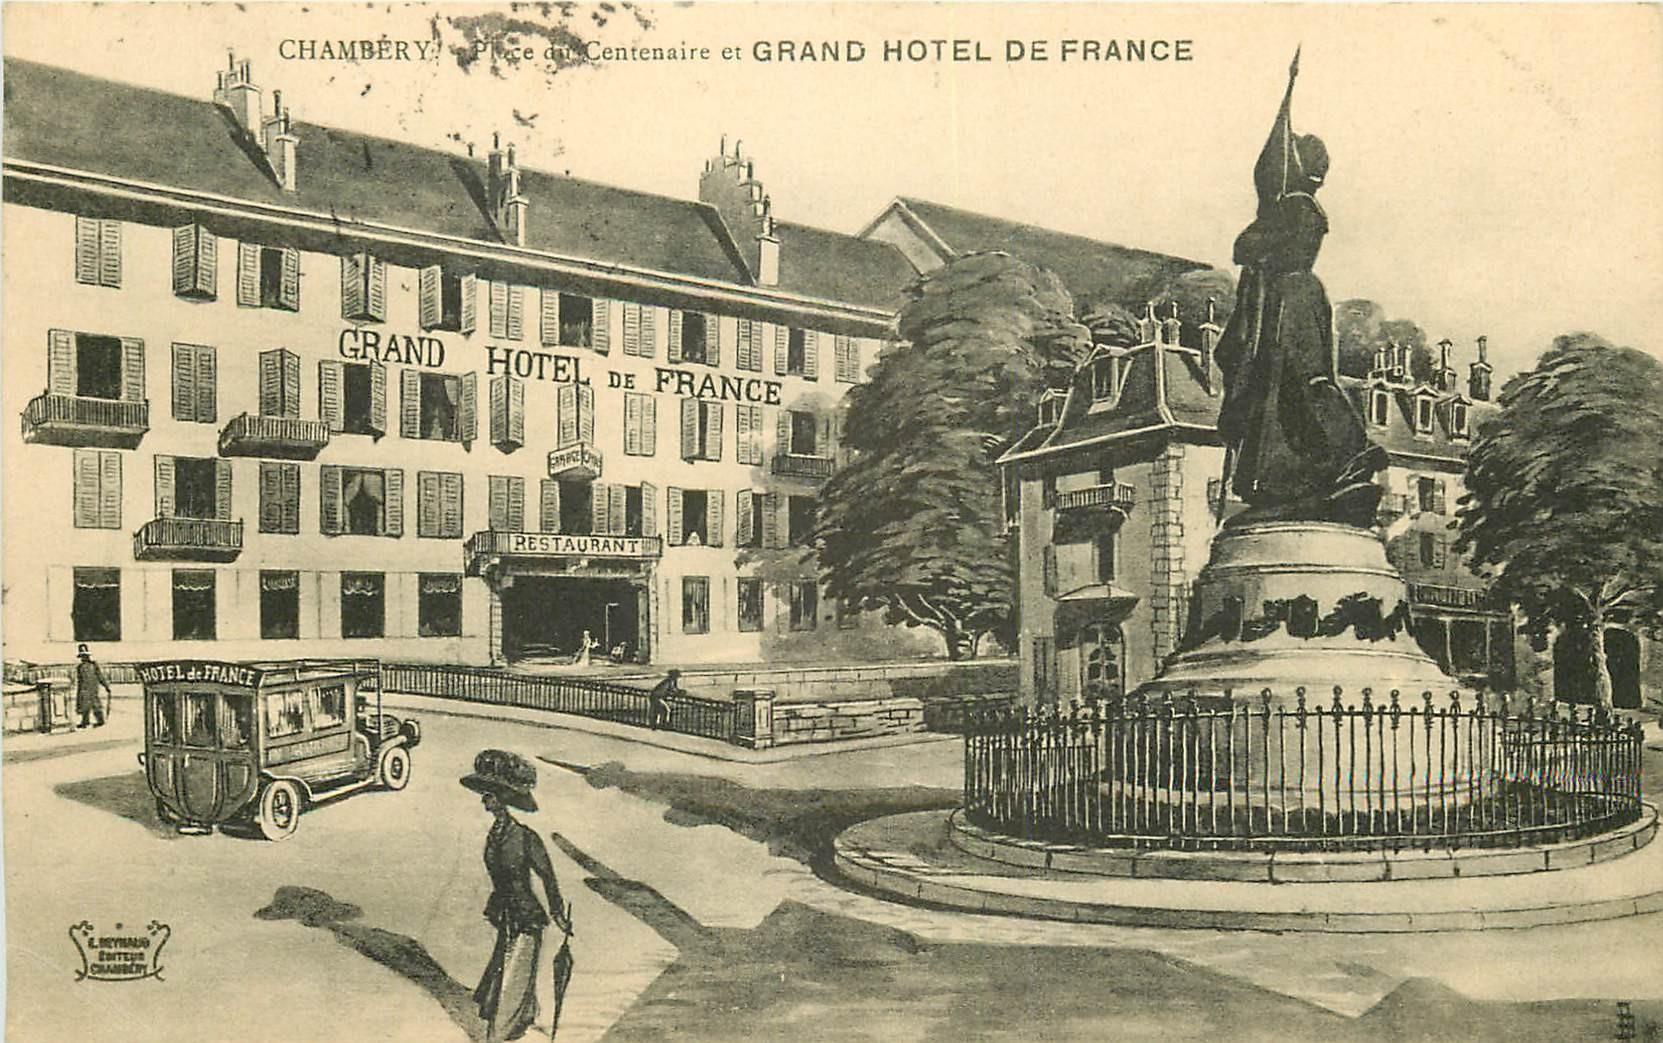 WW 73 CHAMBERY. Grand Hôtel de France Place du Centenaire 1917